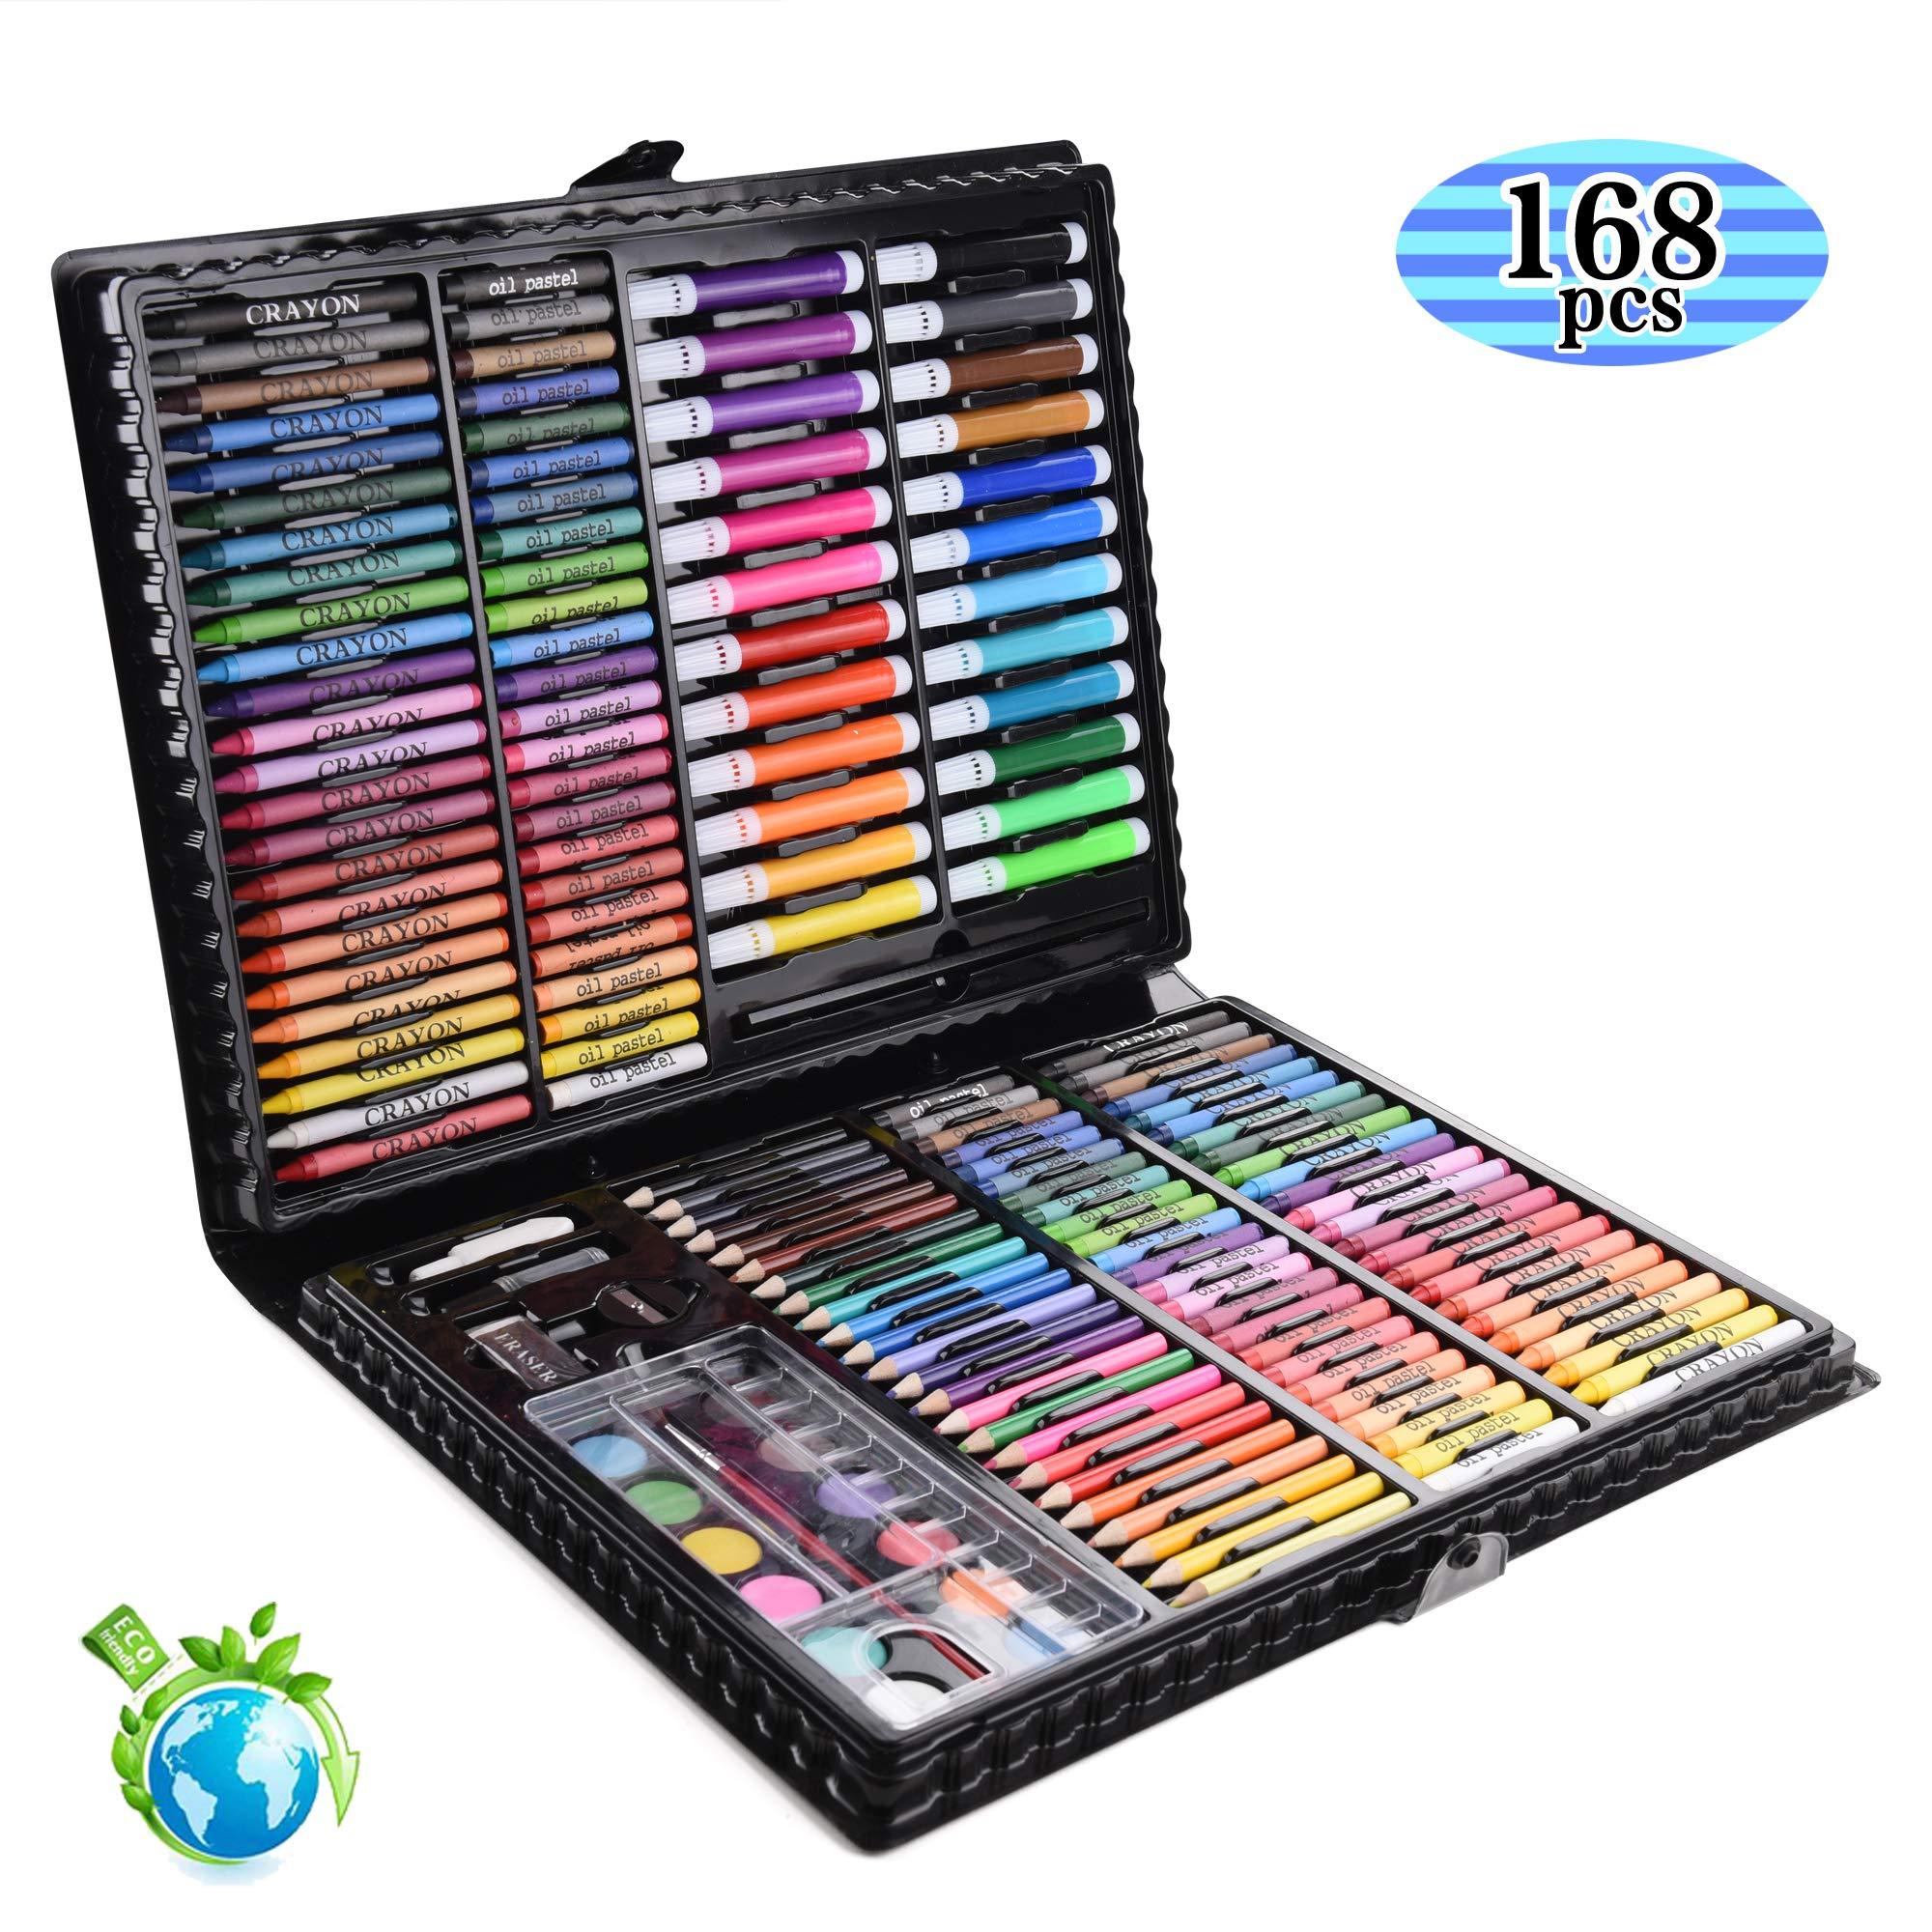 XY COOL Crayola Inspiration Art Case - Kit de Manualidades para niños - 168 Piezas,Caja Colores Niños, Lapices De Colores, Lapices De Colores Niños, Conjunto de Pintura (A): Amazon.es: Juguetes y juegos